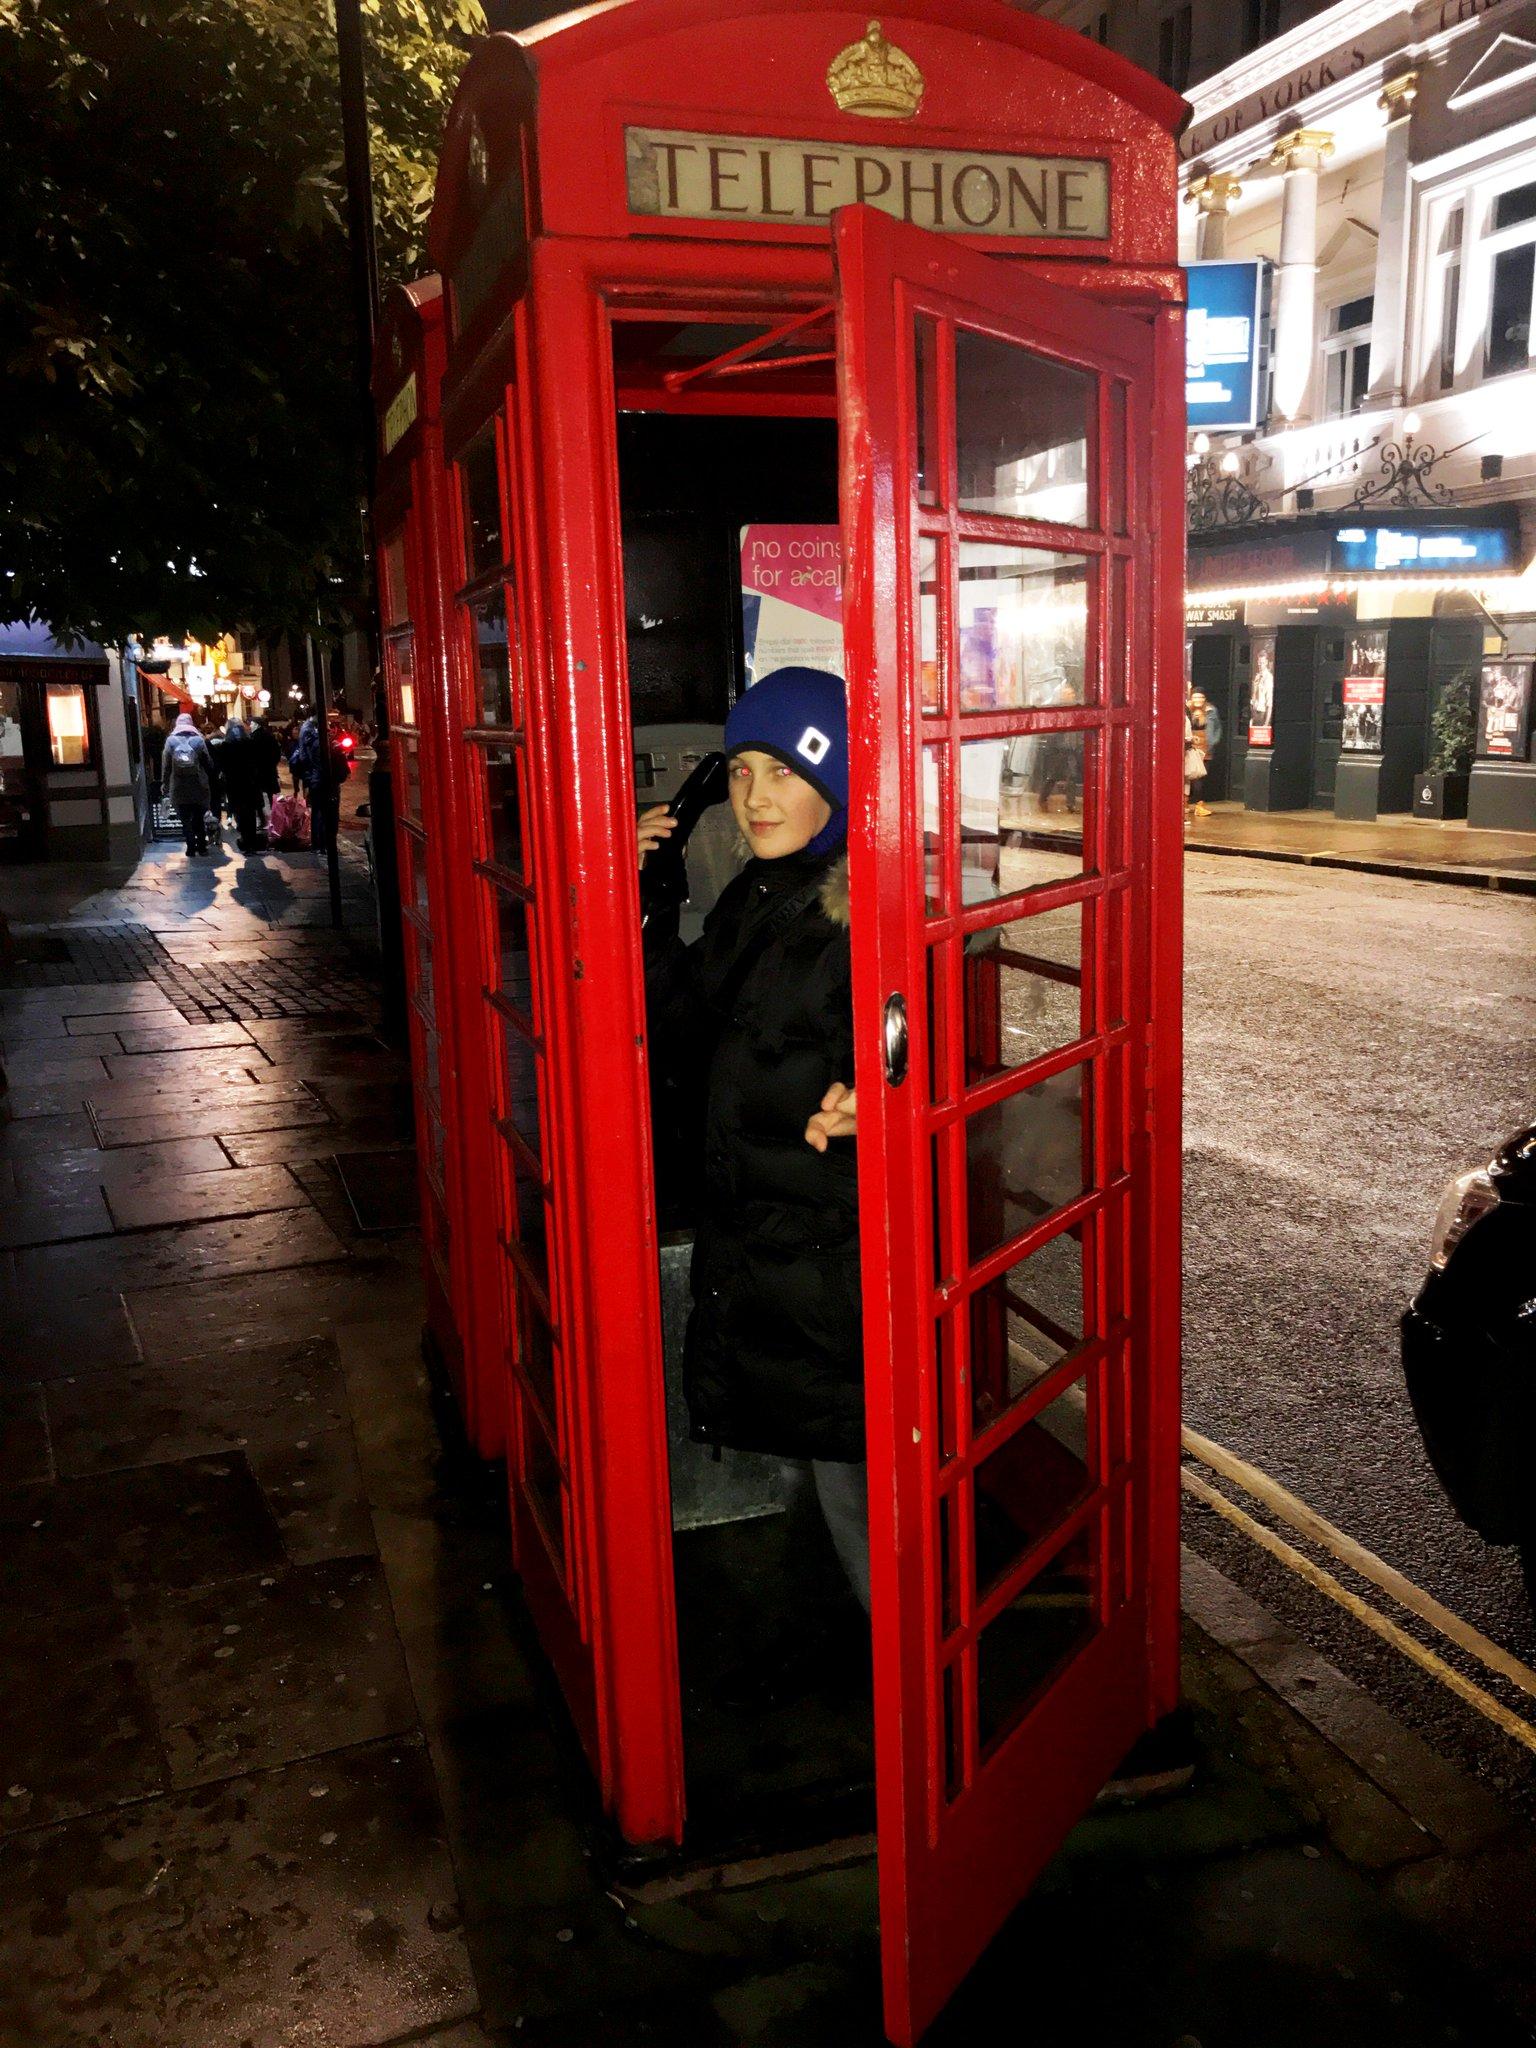 картинка человек и телефонная будка